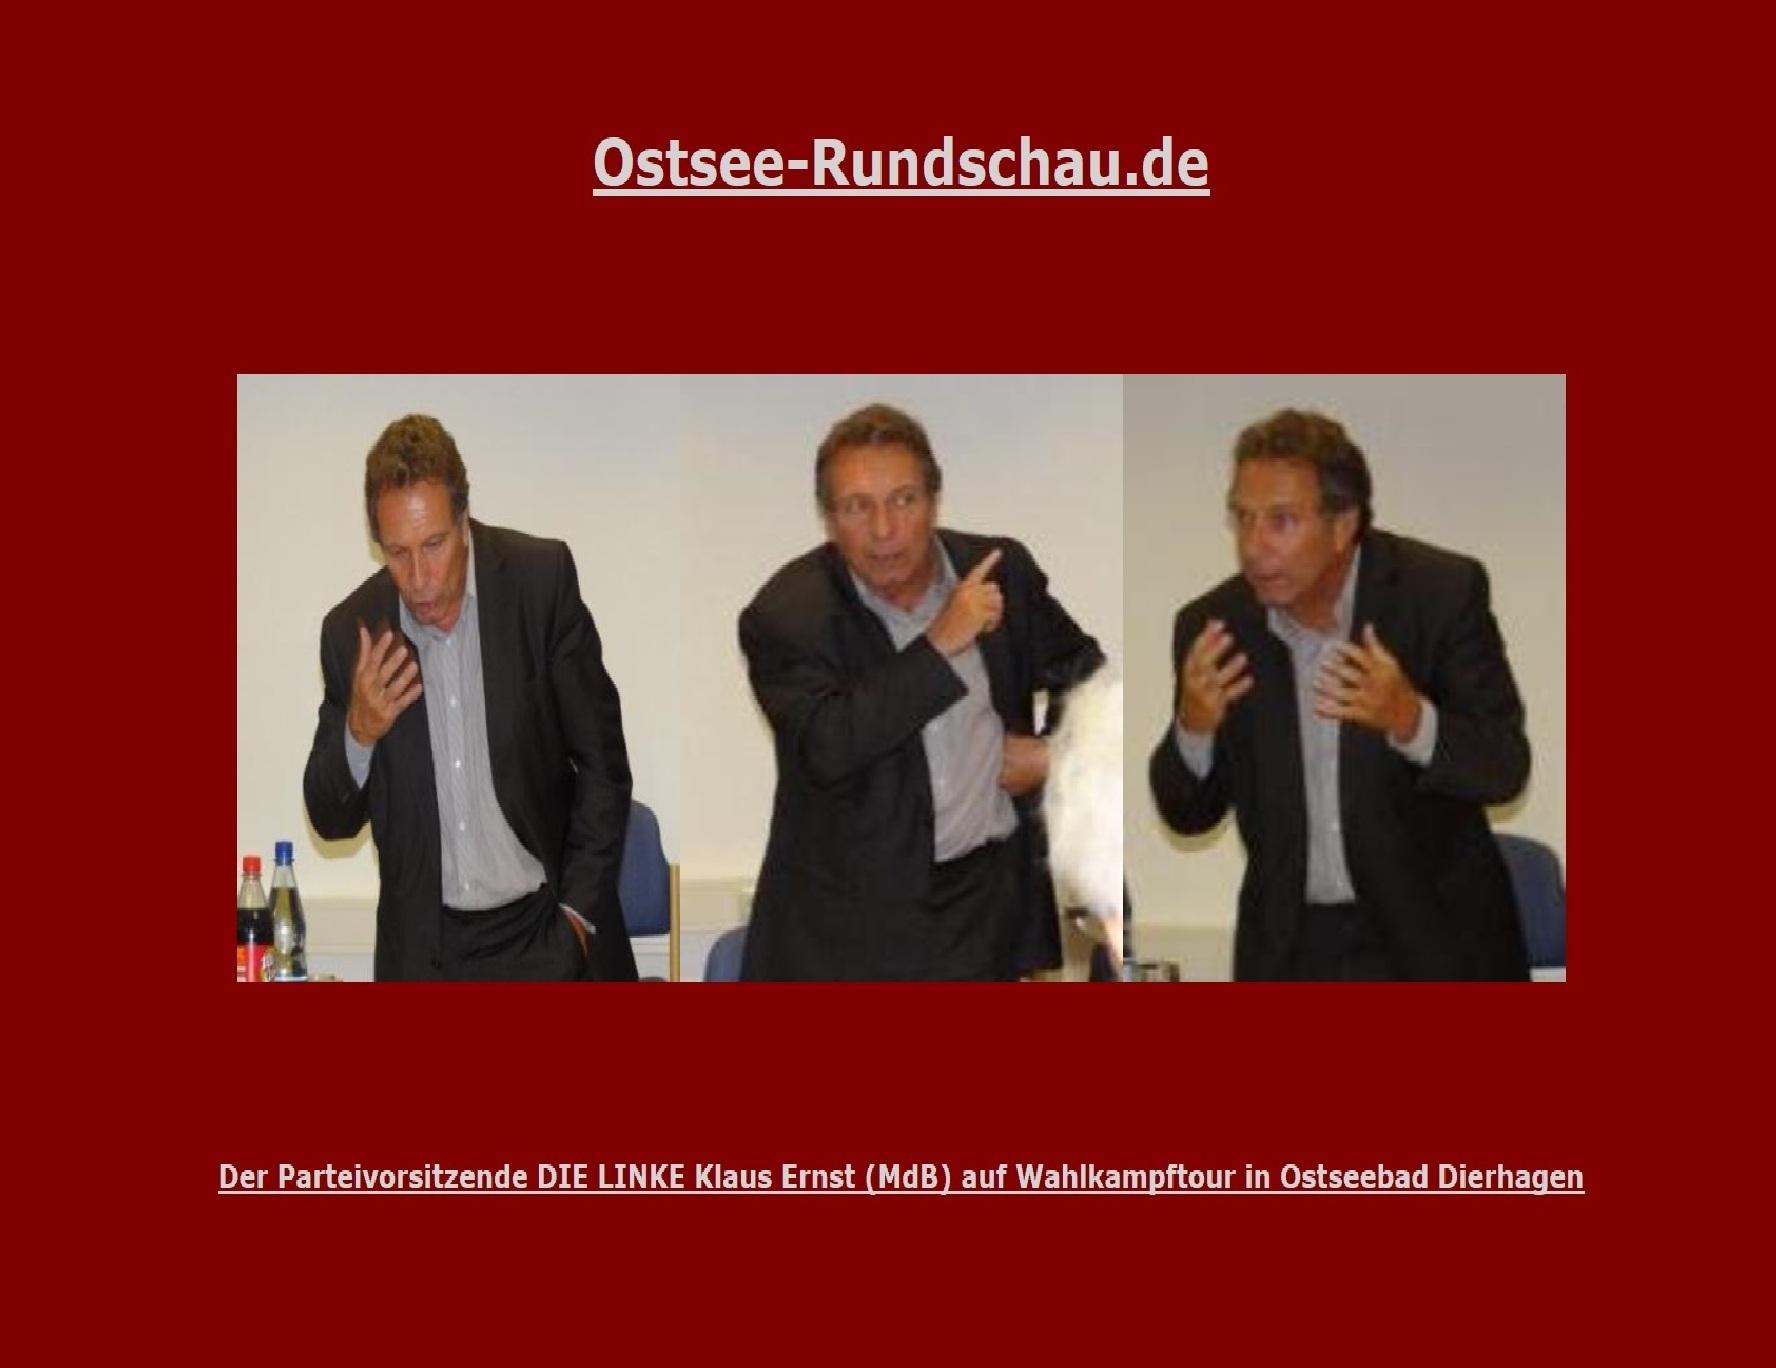 Der Parteivorsitzende DIE LINKE Klaus Ernst (MdB) am 31. August 2011 auf Wahlkampftour im Nordosten - Ostsee-Rundschau.de. Fotos: Eckart Kreitlow